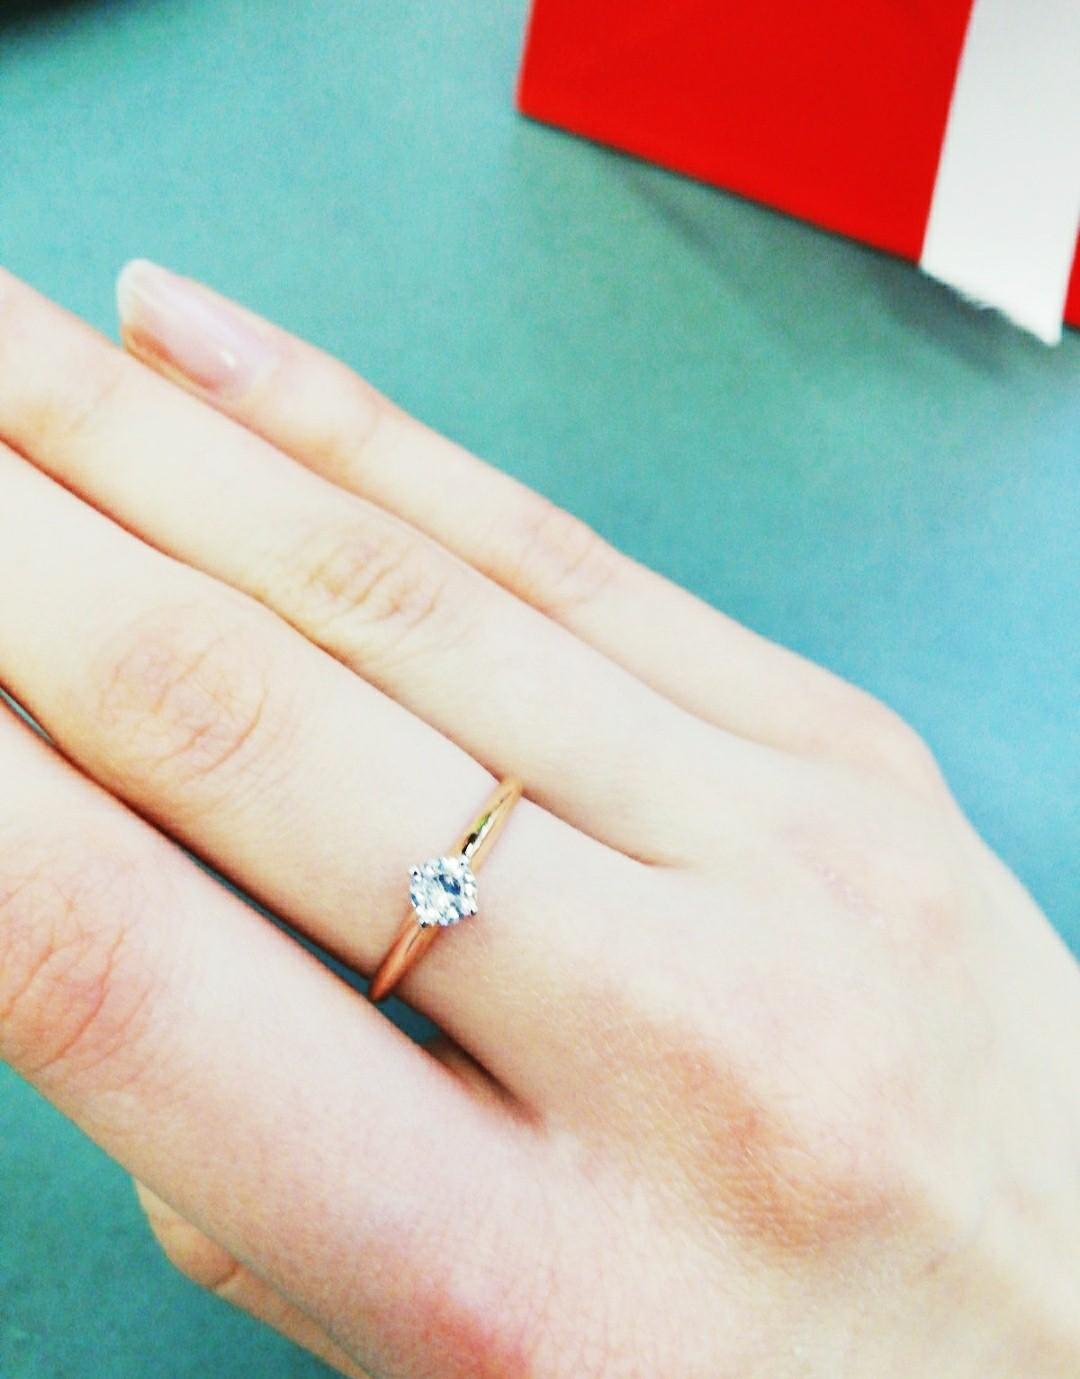 Качественное кольцо по неплохой цене